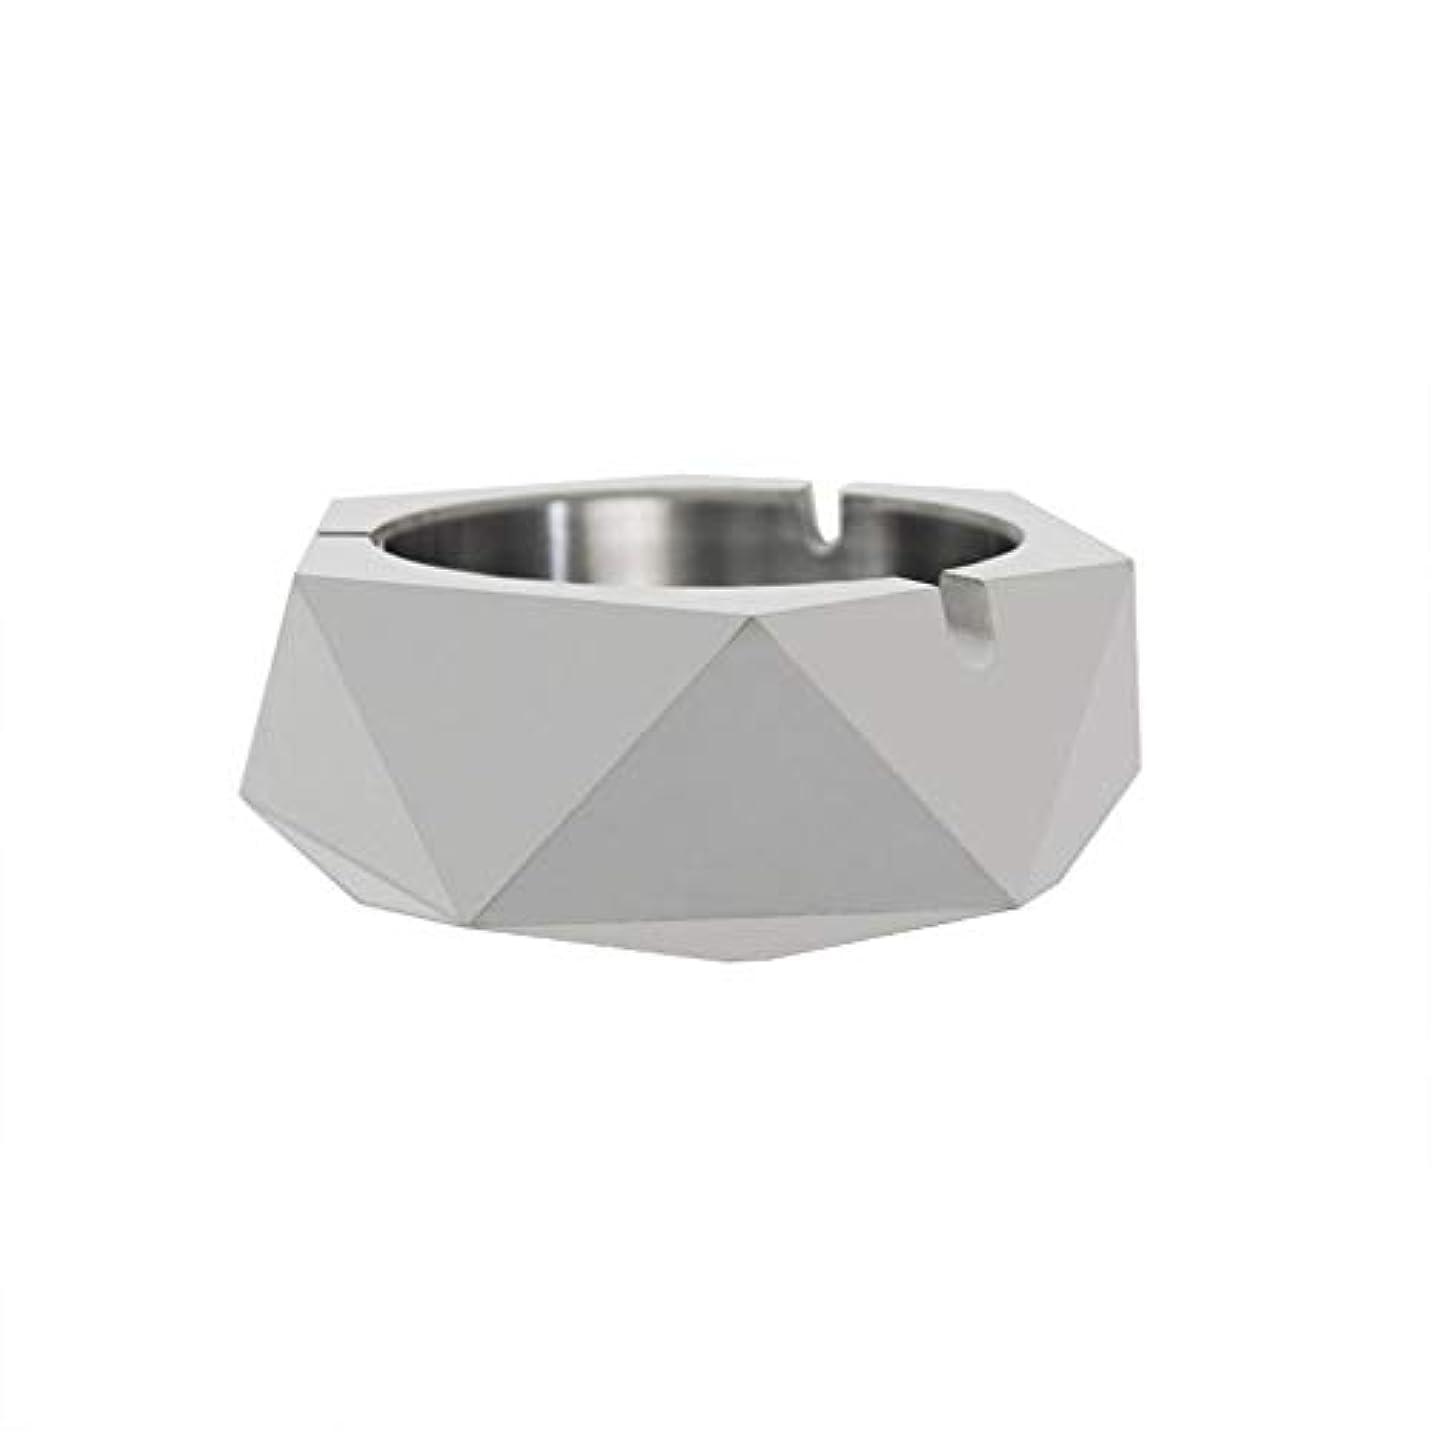 付与形成後悔ダイヤモンド型シリコーン型石膏セメントDIY灰皿ローソク足、セメントクリエイティブ灰皿、セメントクリエイティブ灰皿増加 (色 : A)